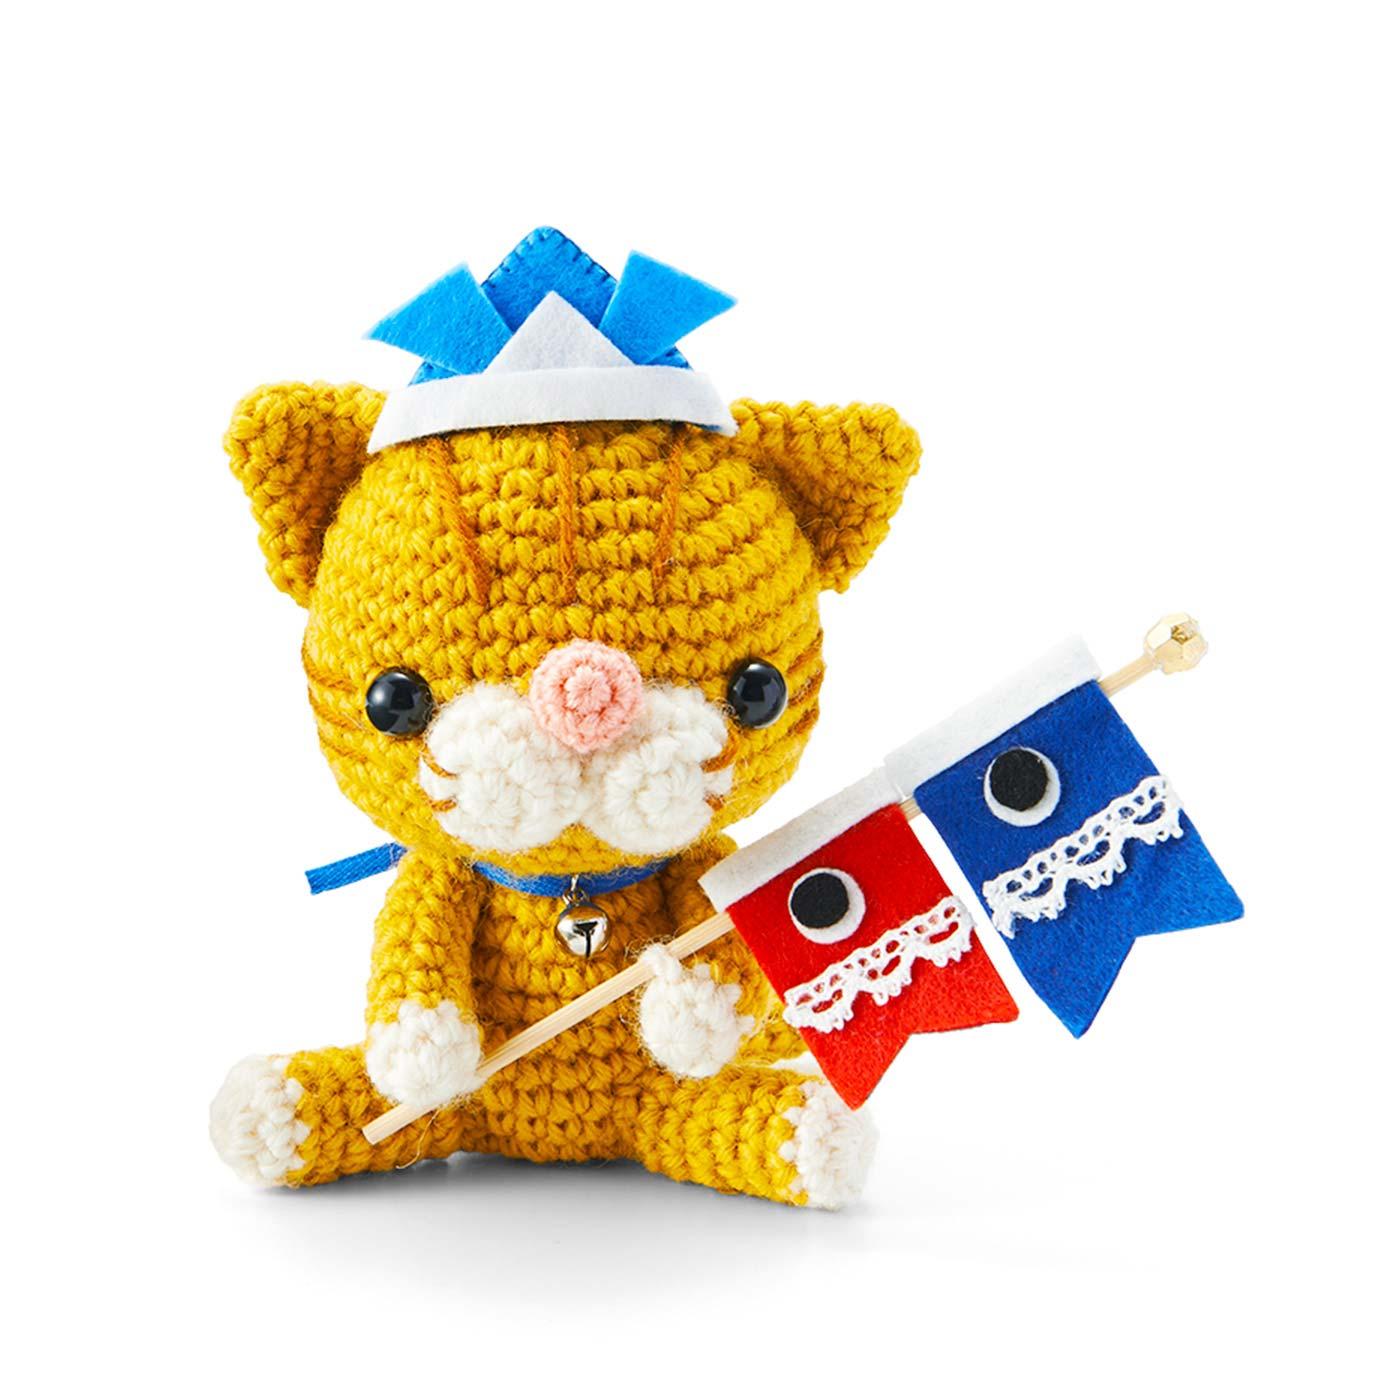 〈3月分お届け〉ネコくんとこいのぼり(最初に、このデザインからお届けします。)